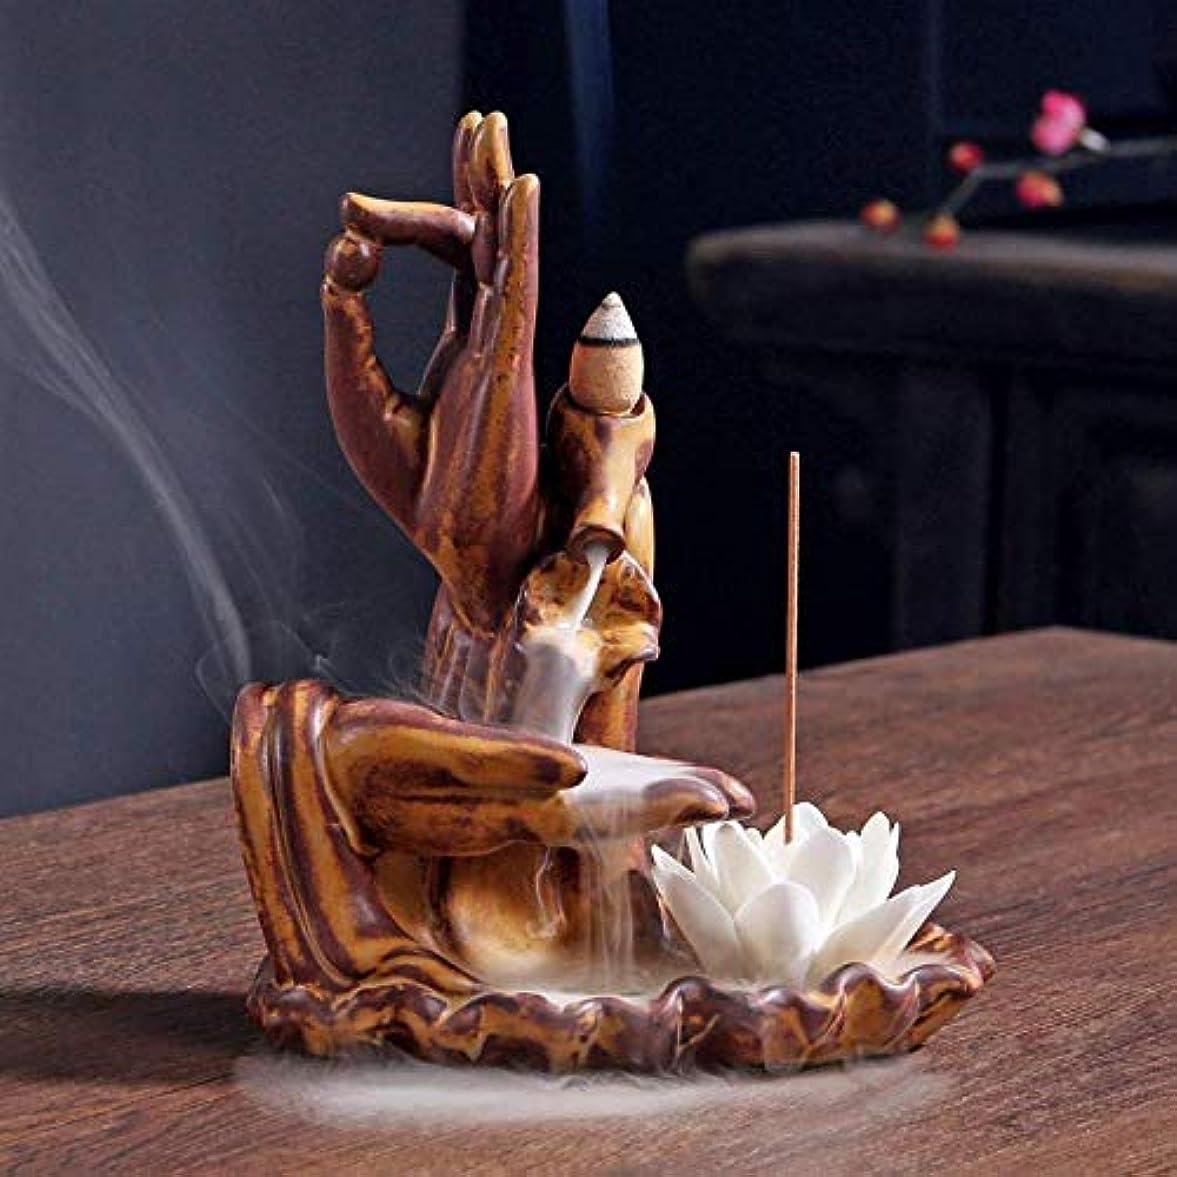 モンキー細心のロボット逆流香ホルダーセラミックホームインテリア香炉逆流香バーナーホームオフィスオーナメント仏手,Brown